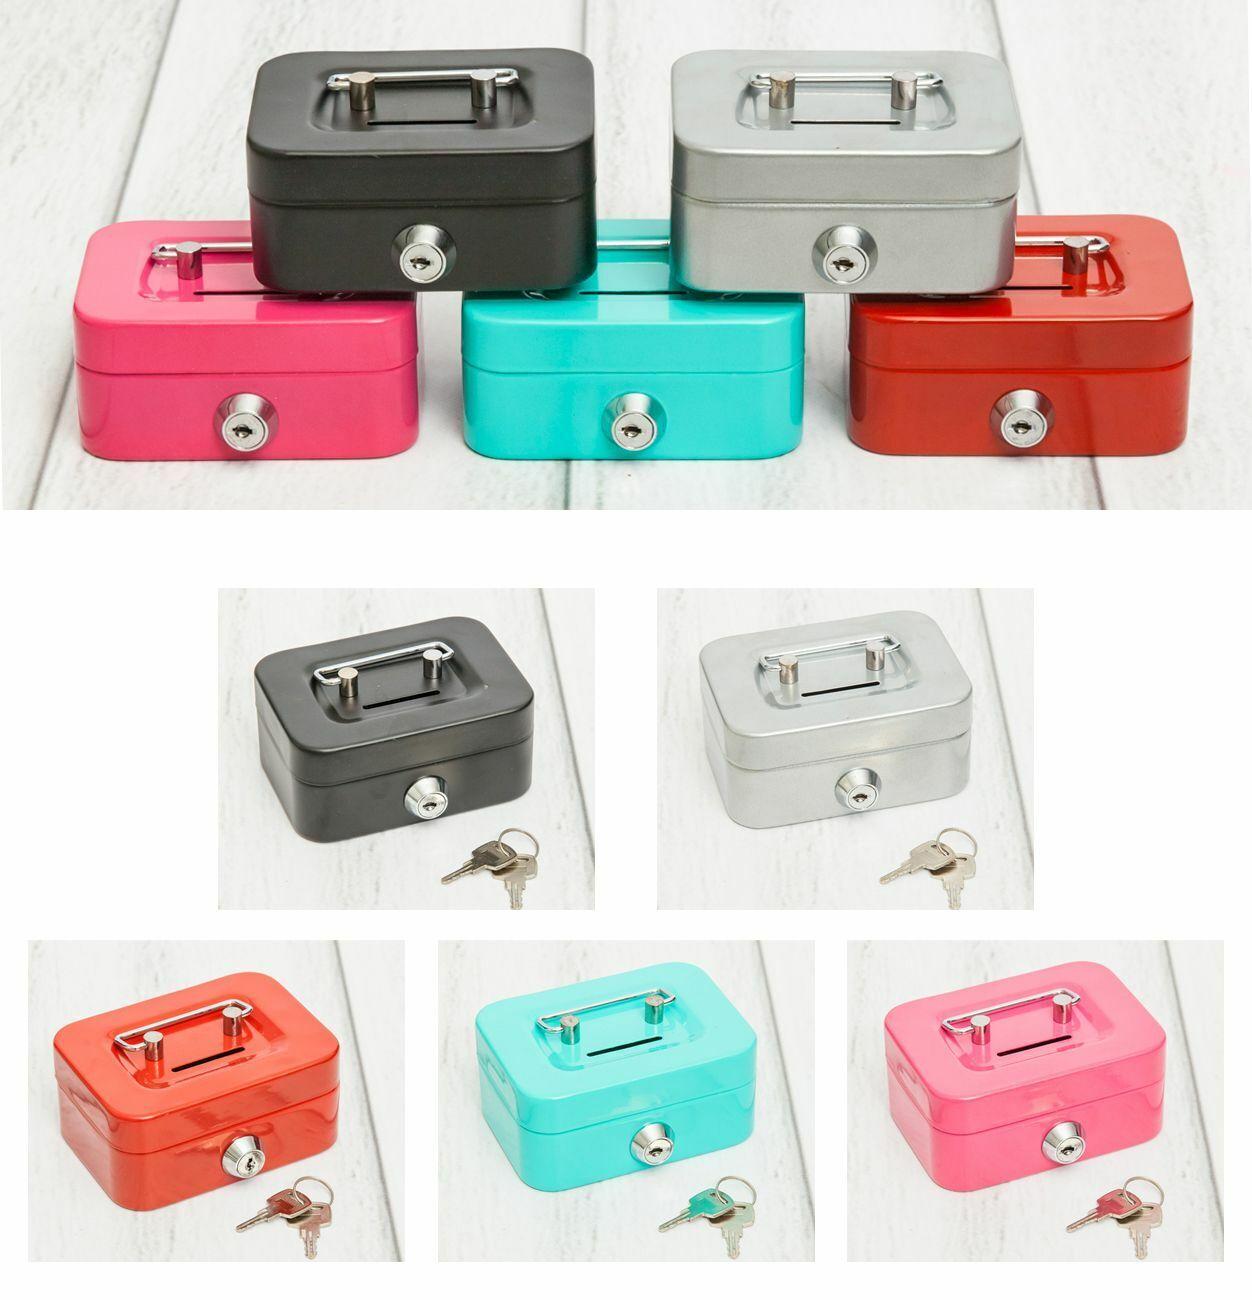 Geldkassette Metall Spardose mit Schlüssel Kasse mini Sparschwein Geldkasse Geld